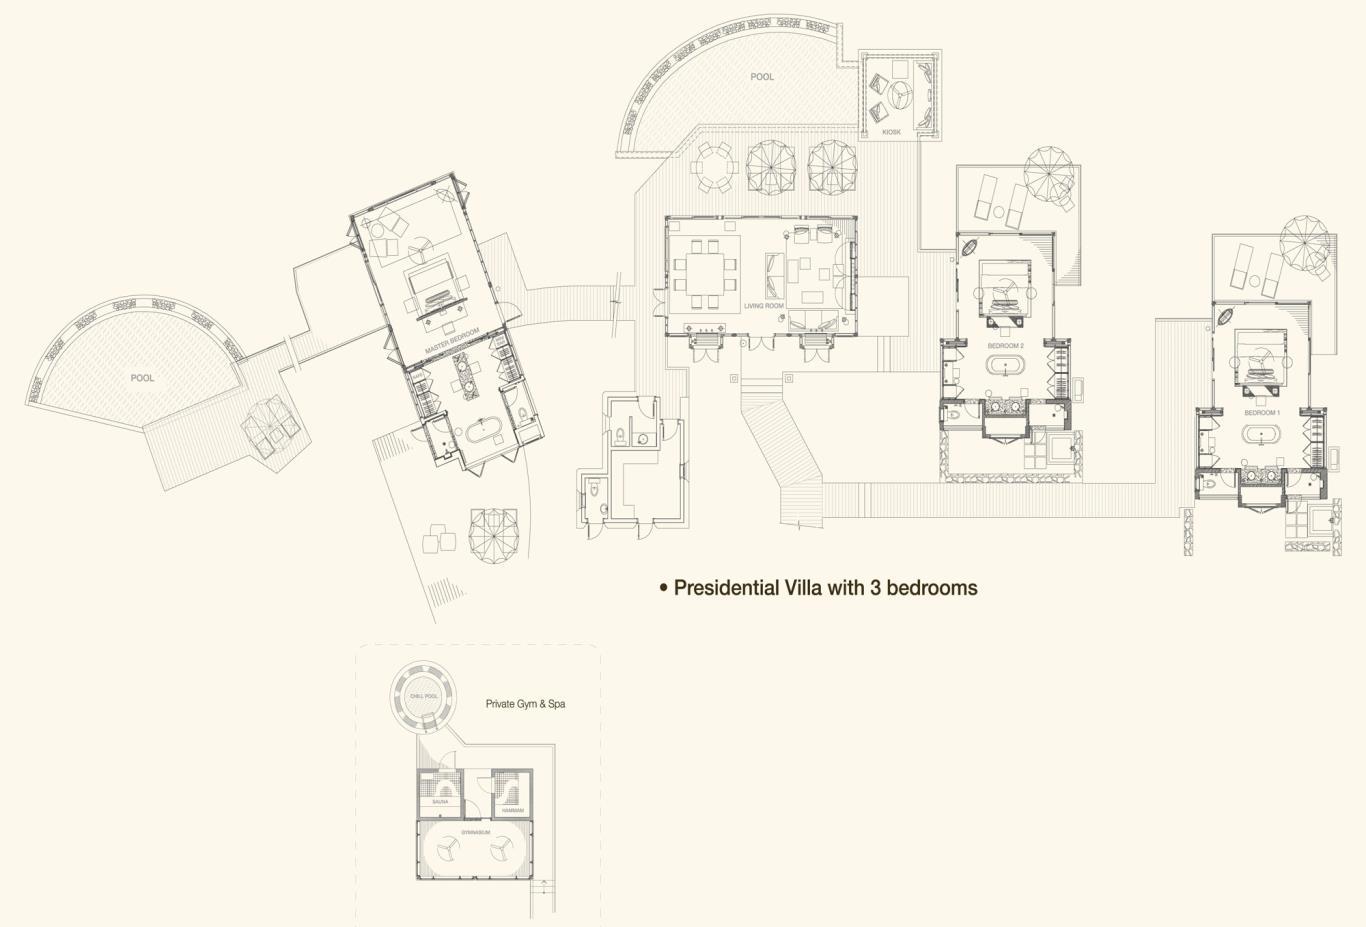 Presidential Villa Floorplan